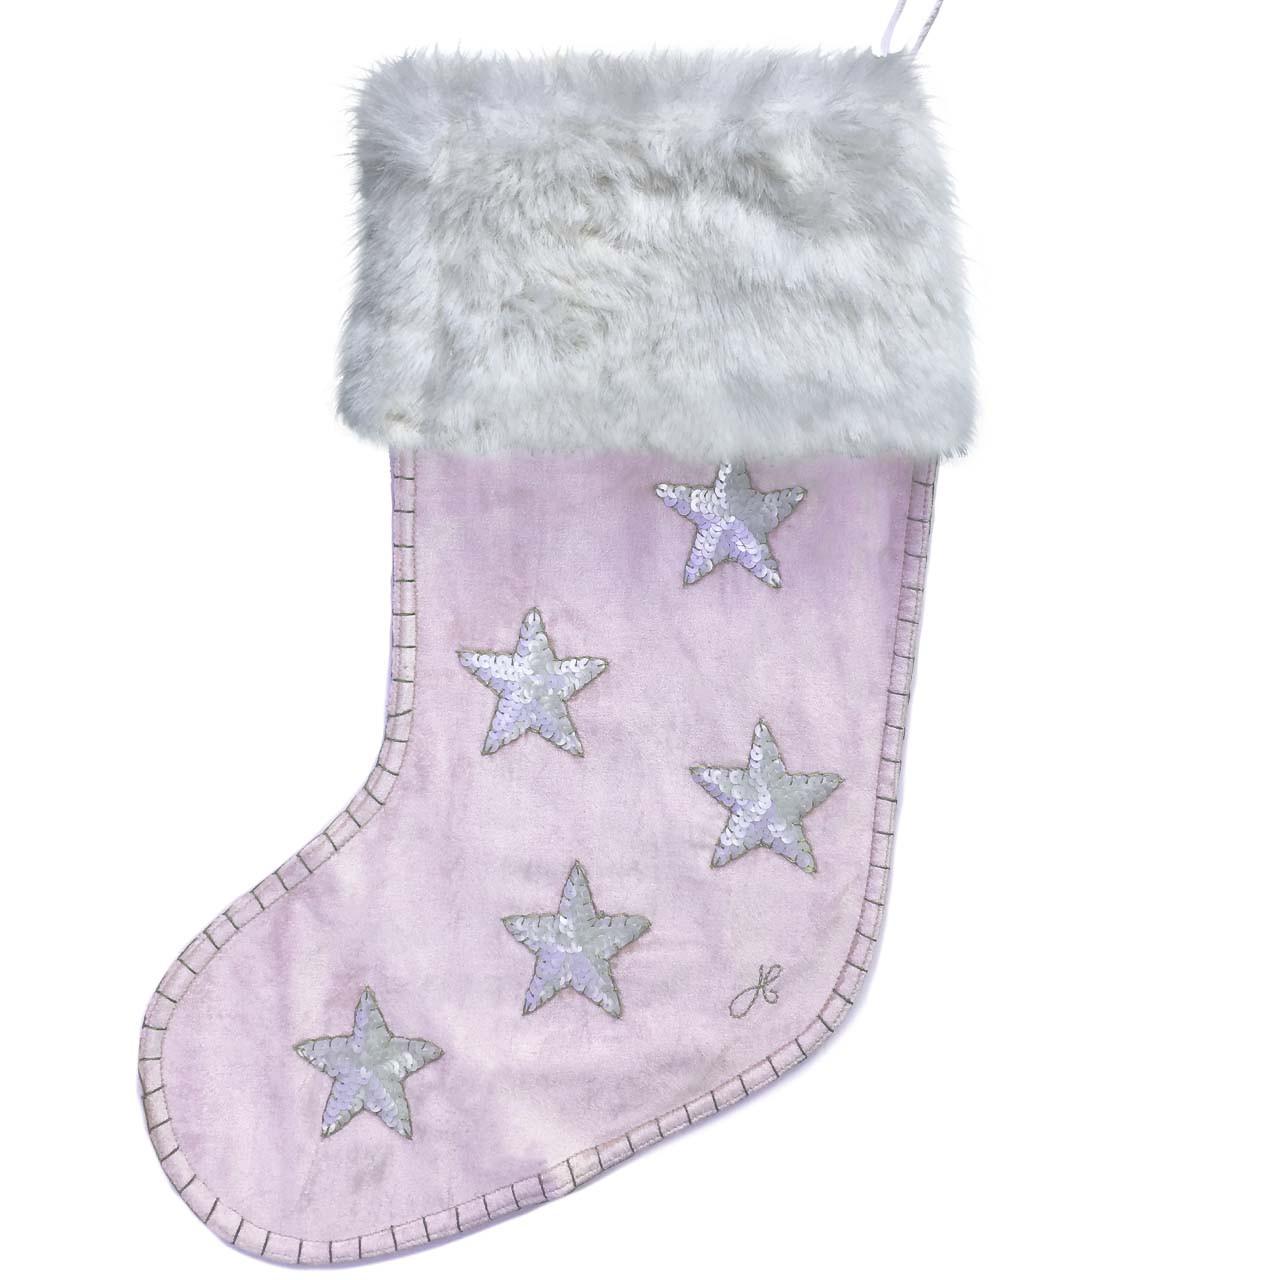 Pink Christmas Stocking.Velvet Sequin Star Christmas Stocking Pink